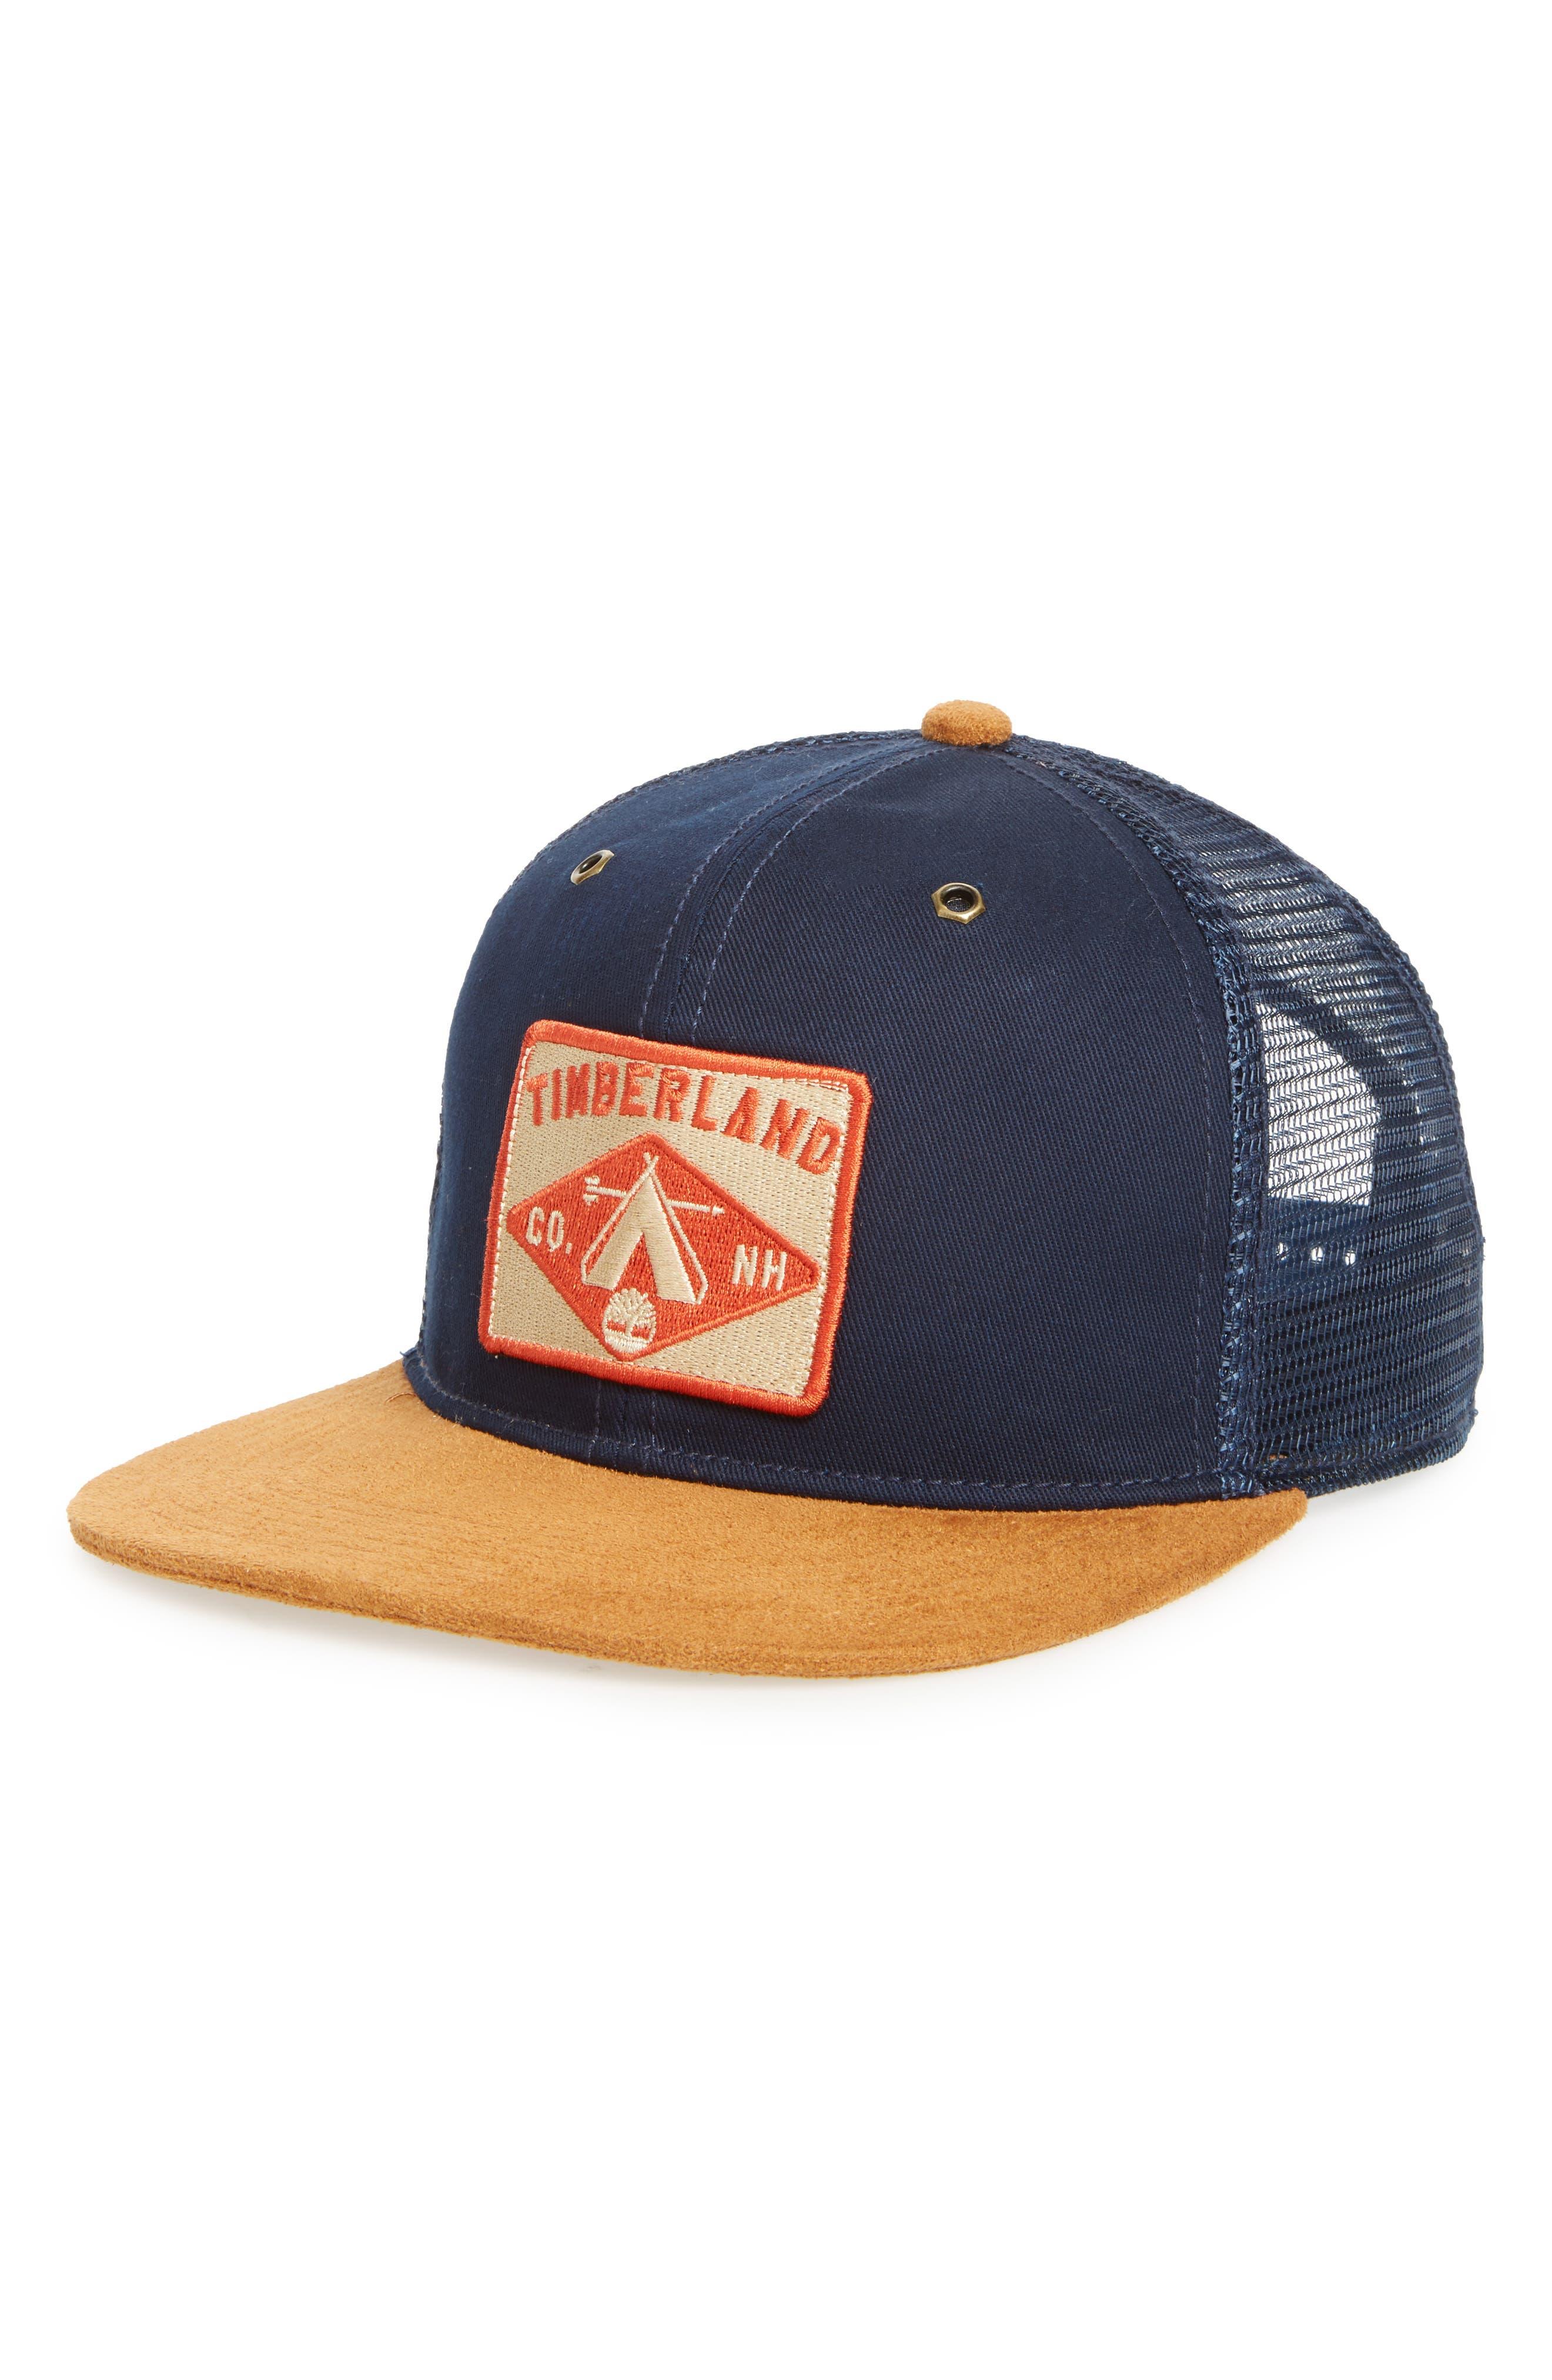 07da60f57 Men's Timberland Hats, Gloves & Scarves | Nordstrom